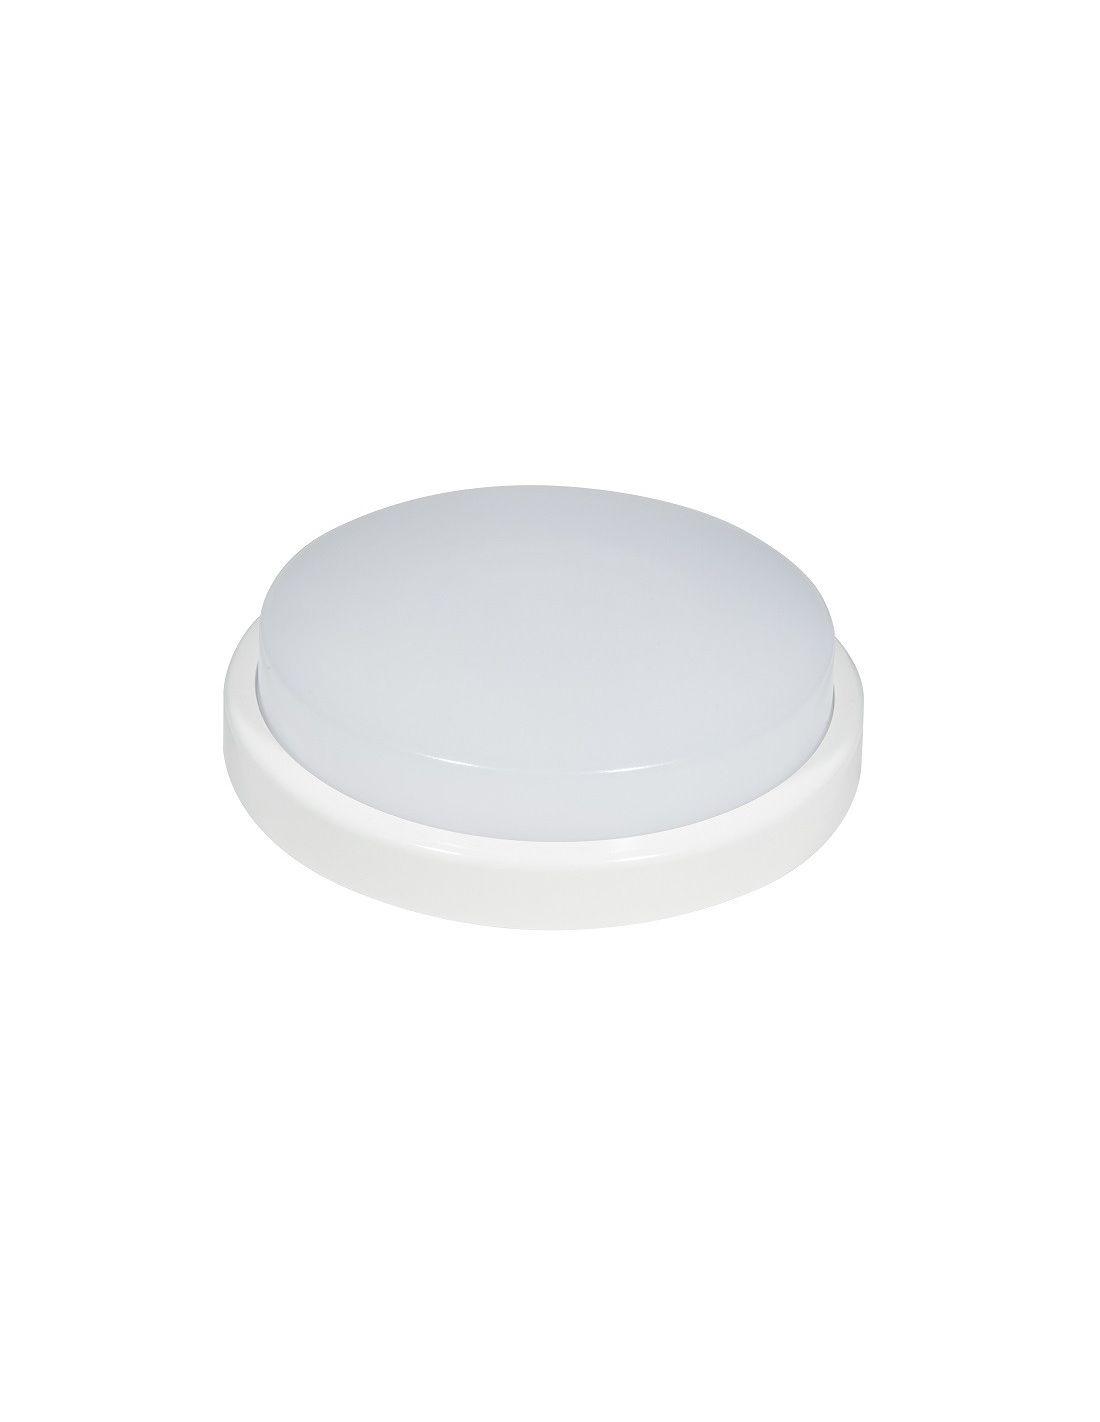 Aplique exterior luz led blanca neutra apliques para exterior modernos - Apliques exterior led ...